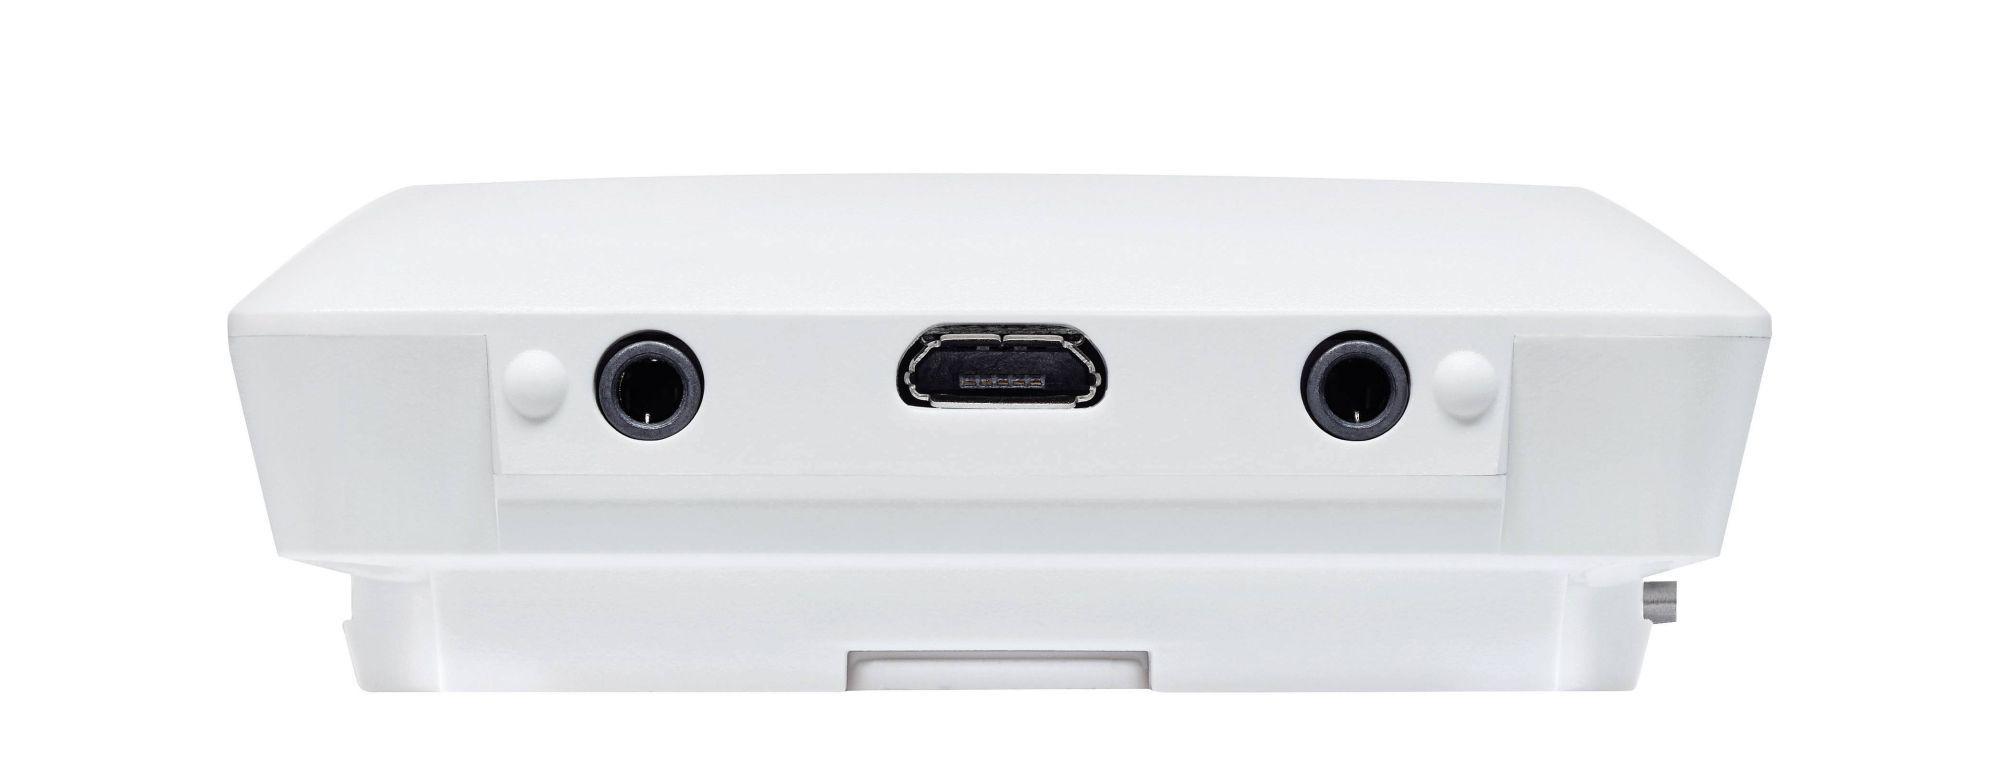 160 E - Data logger WiFi com 2 conexões para sondas de temperatura e umidade, sonda lux ou radiação UV e sonda lux 0572 2022